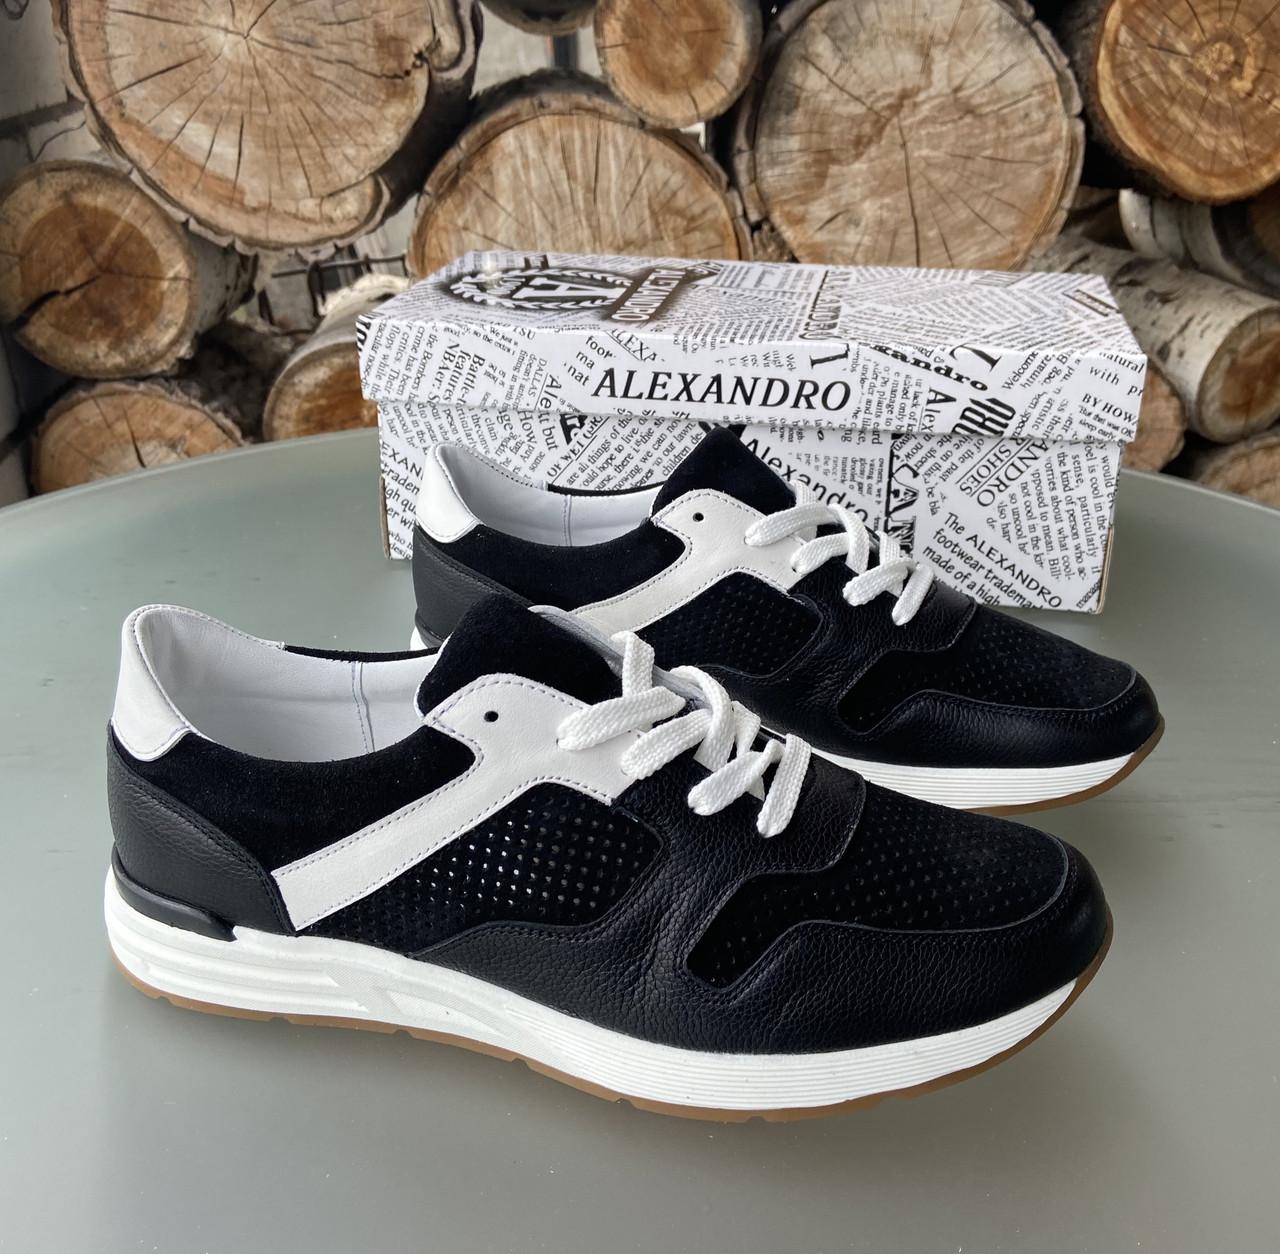 Чоловічі перфоровані кросівки alexandro натуральна шкіра 42